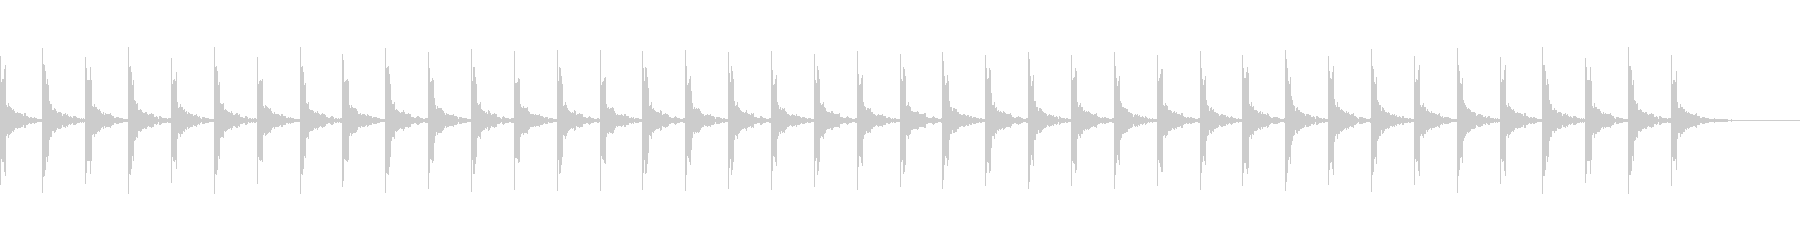 カウント40秒シンプル ピッピ の未再生の波形